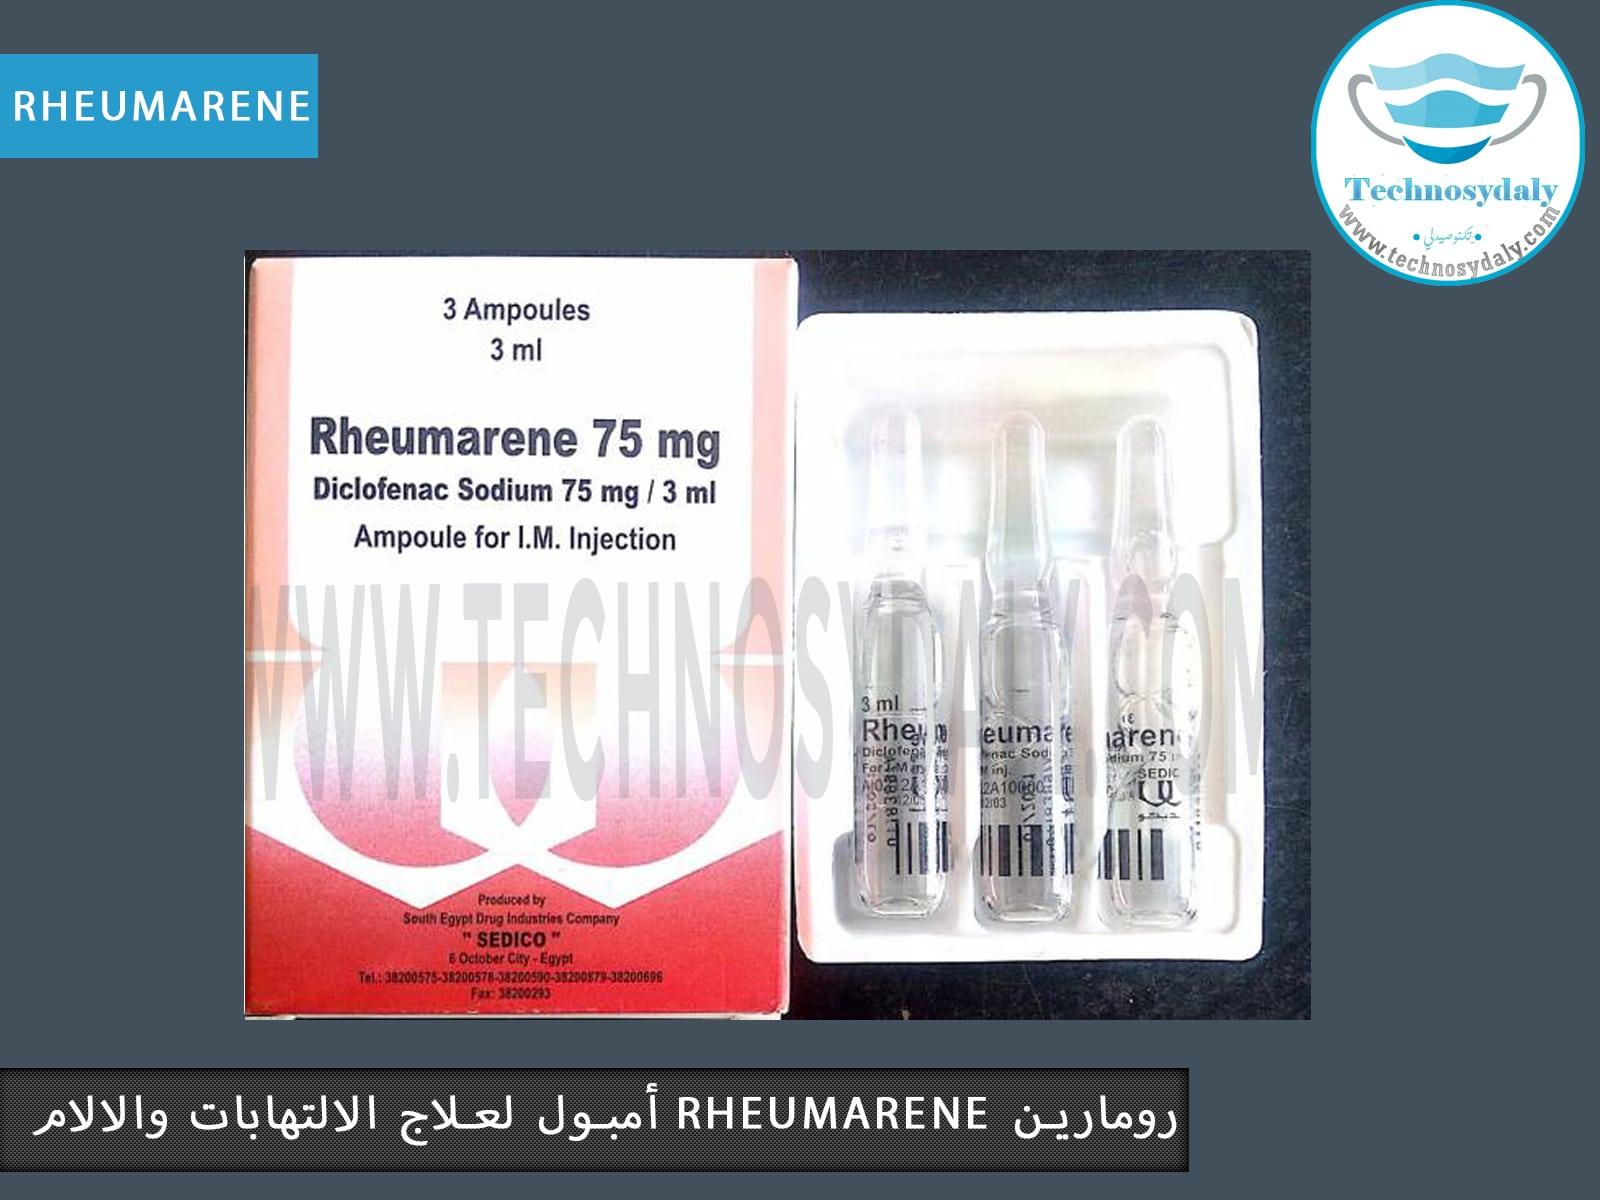 رومارين rheumarene